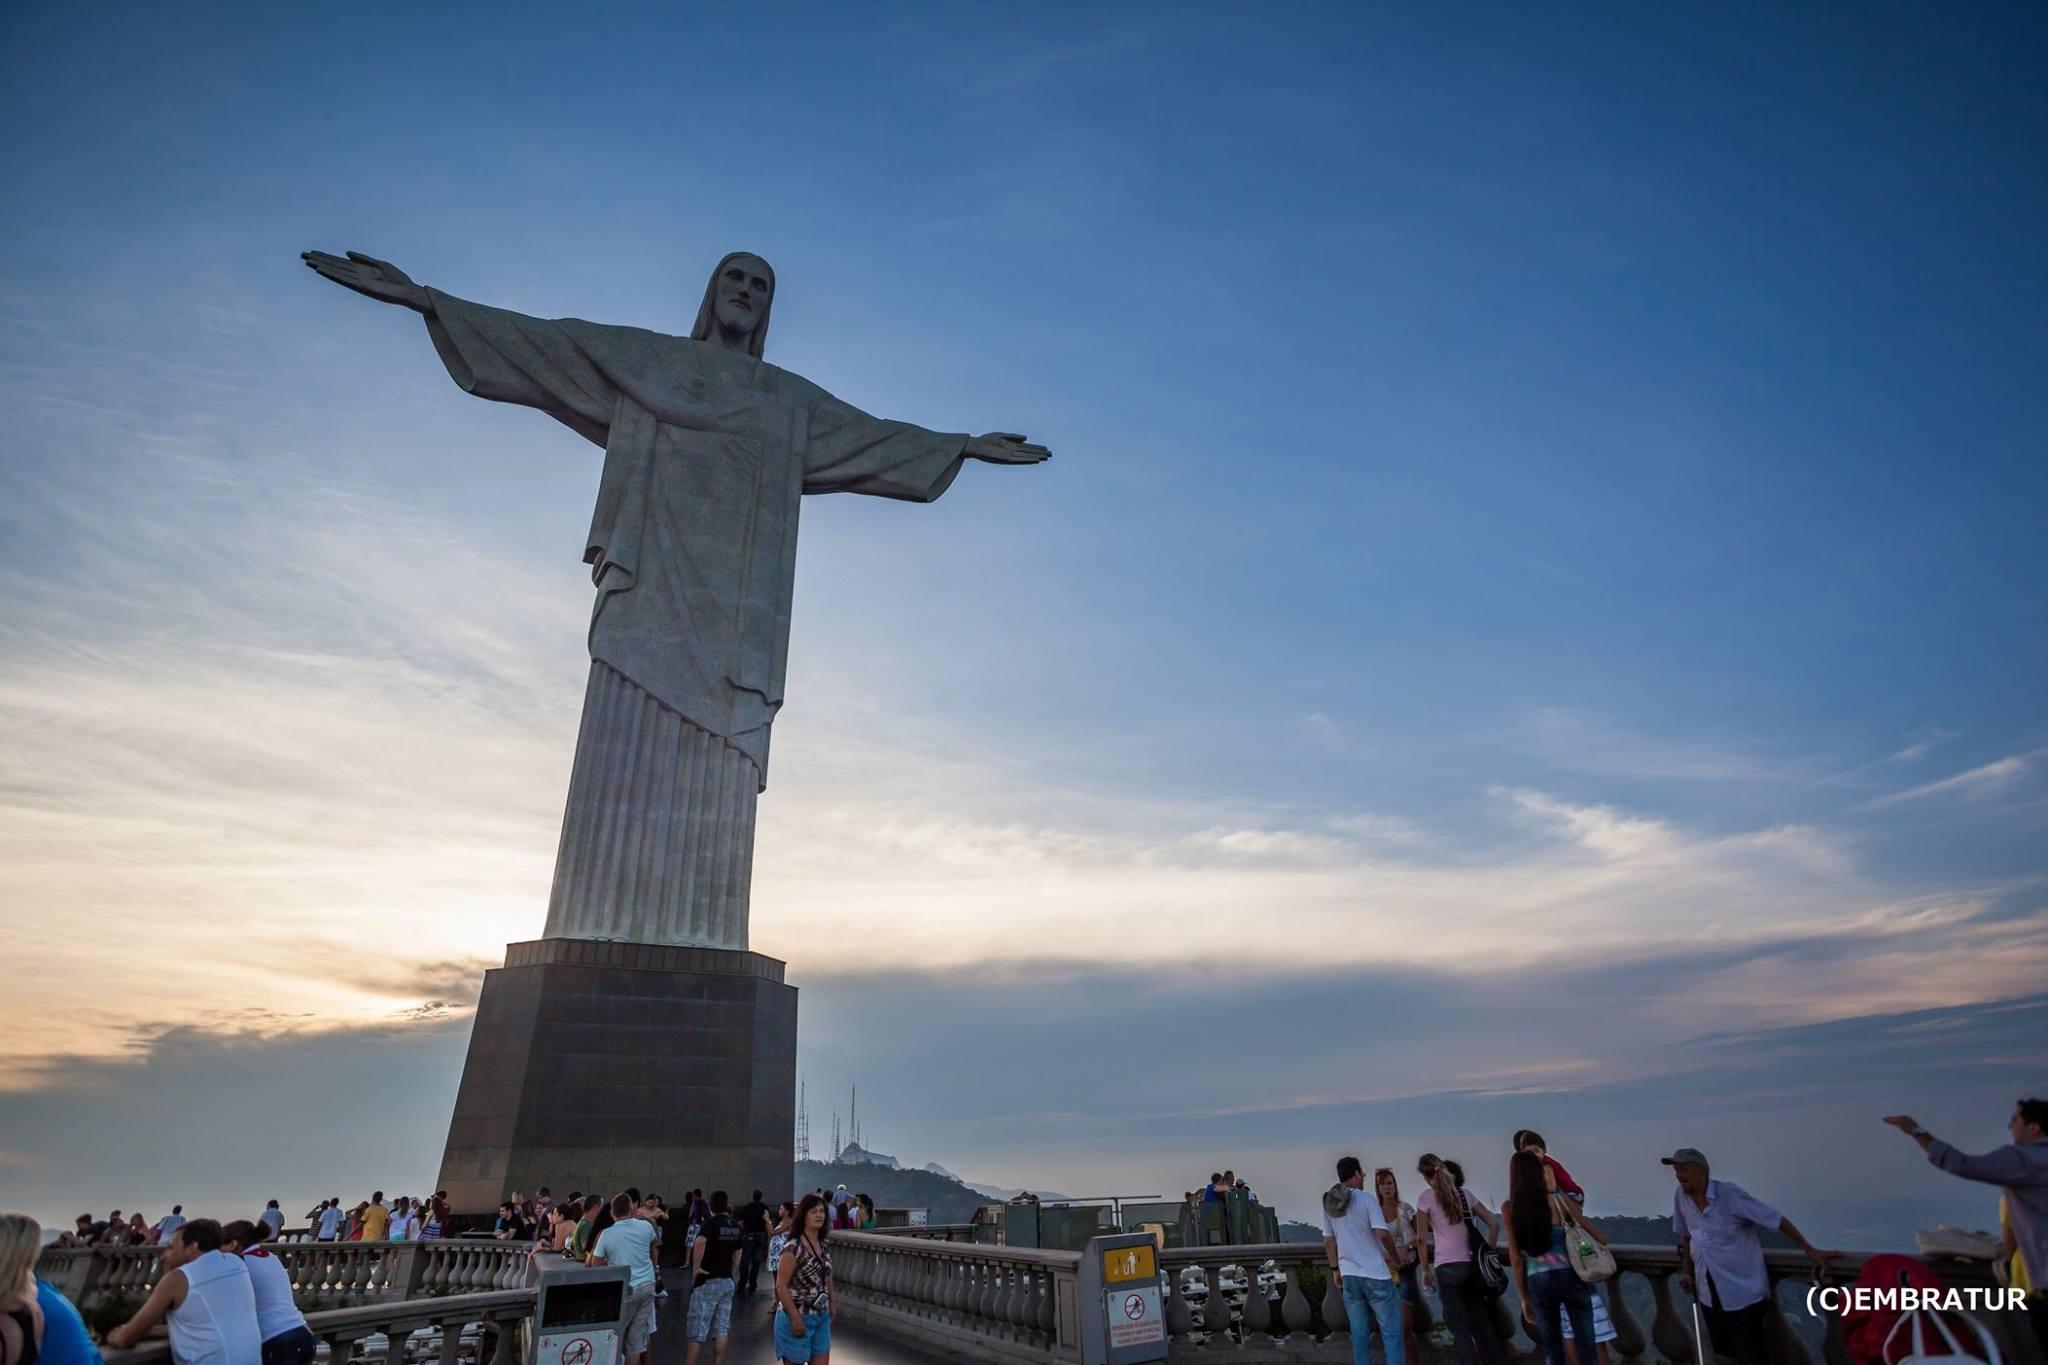 2016リオオリンピック・パラリンピック ブラジルビザ免除のお知らせ